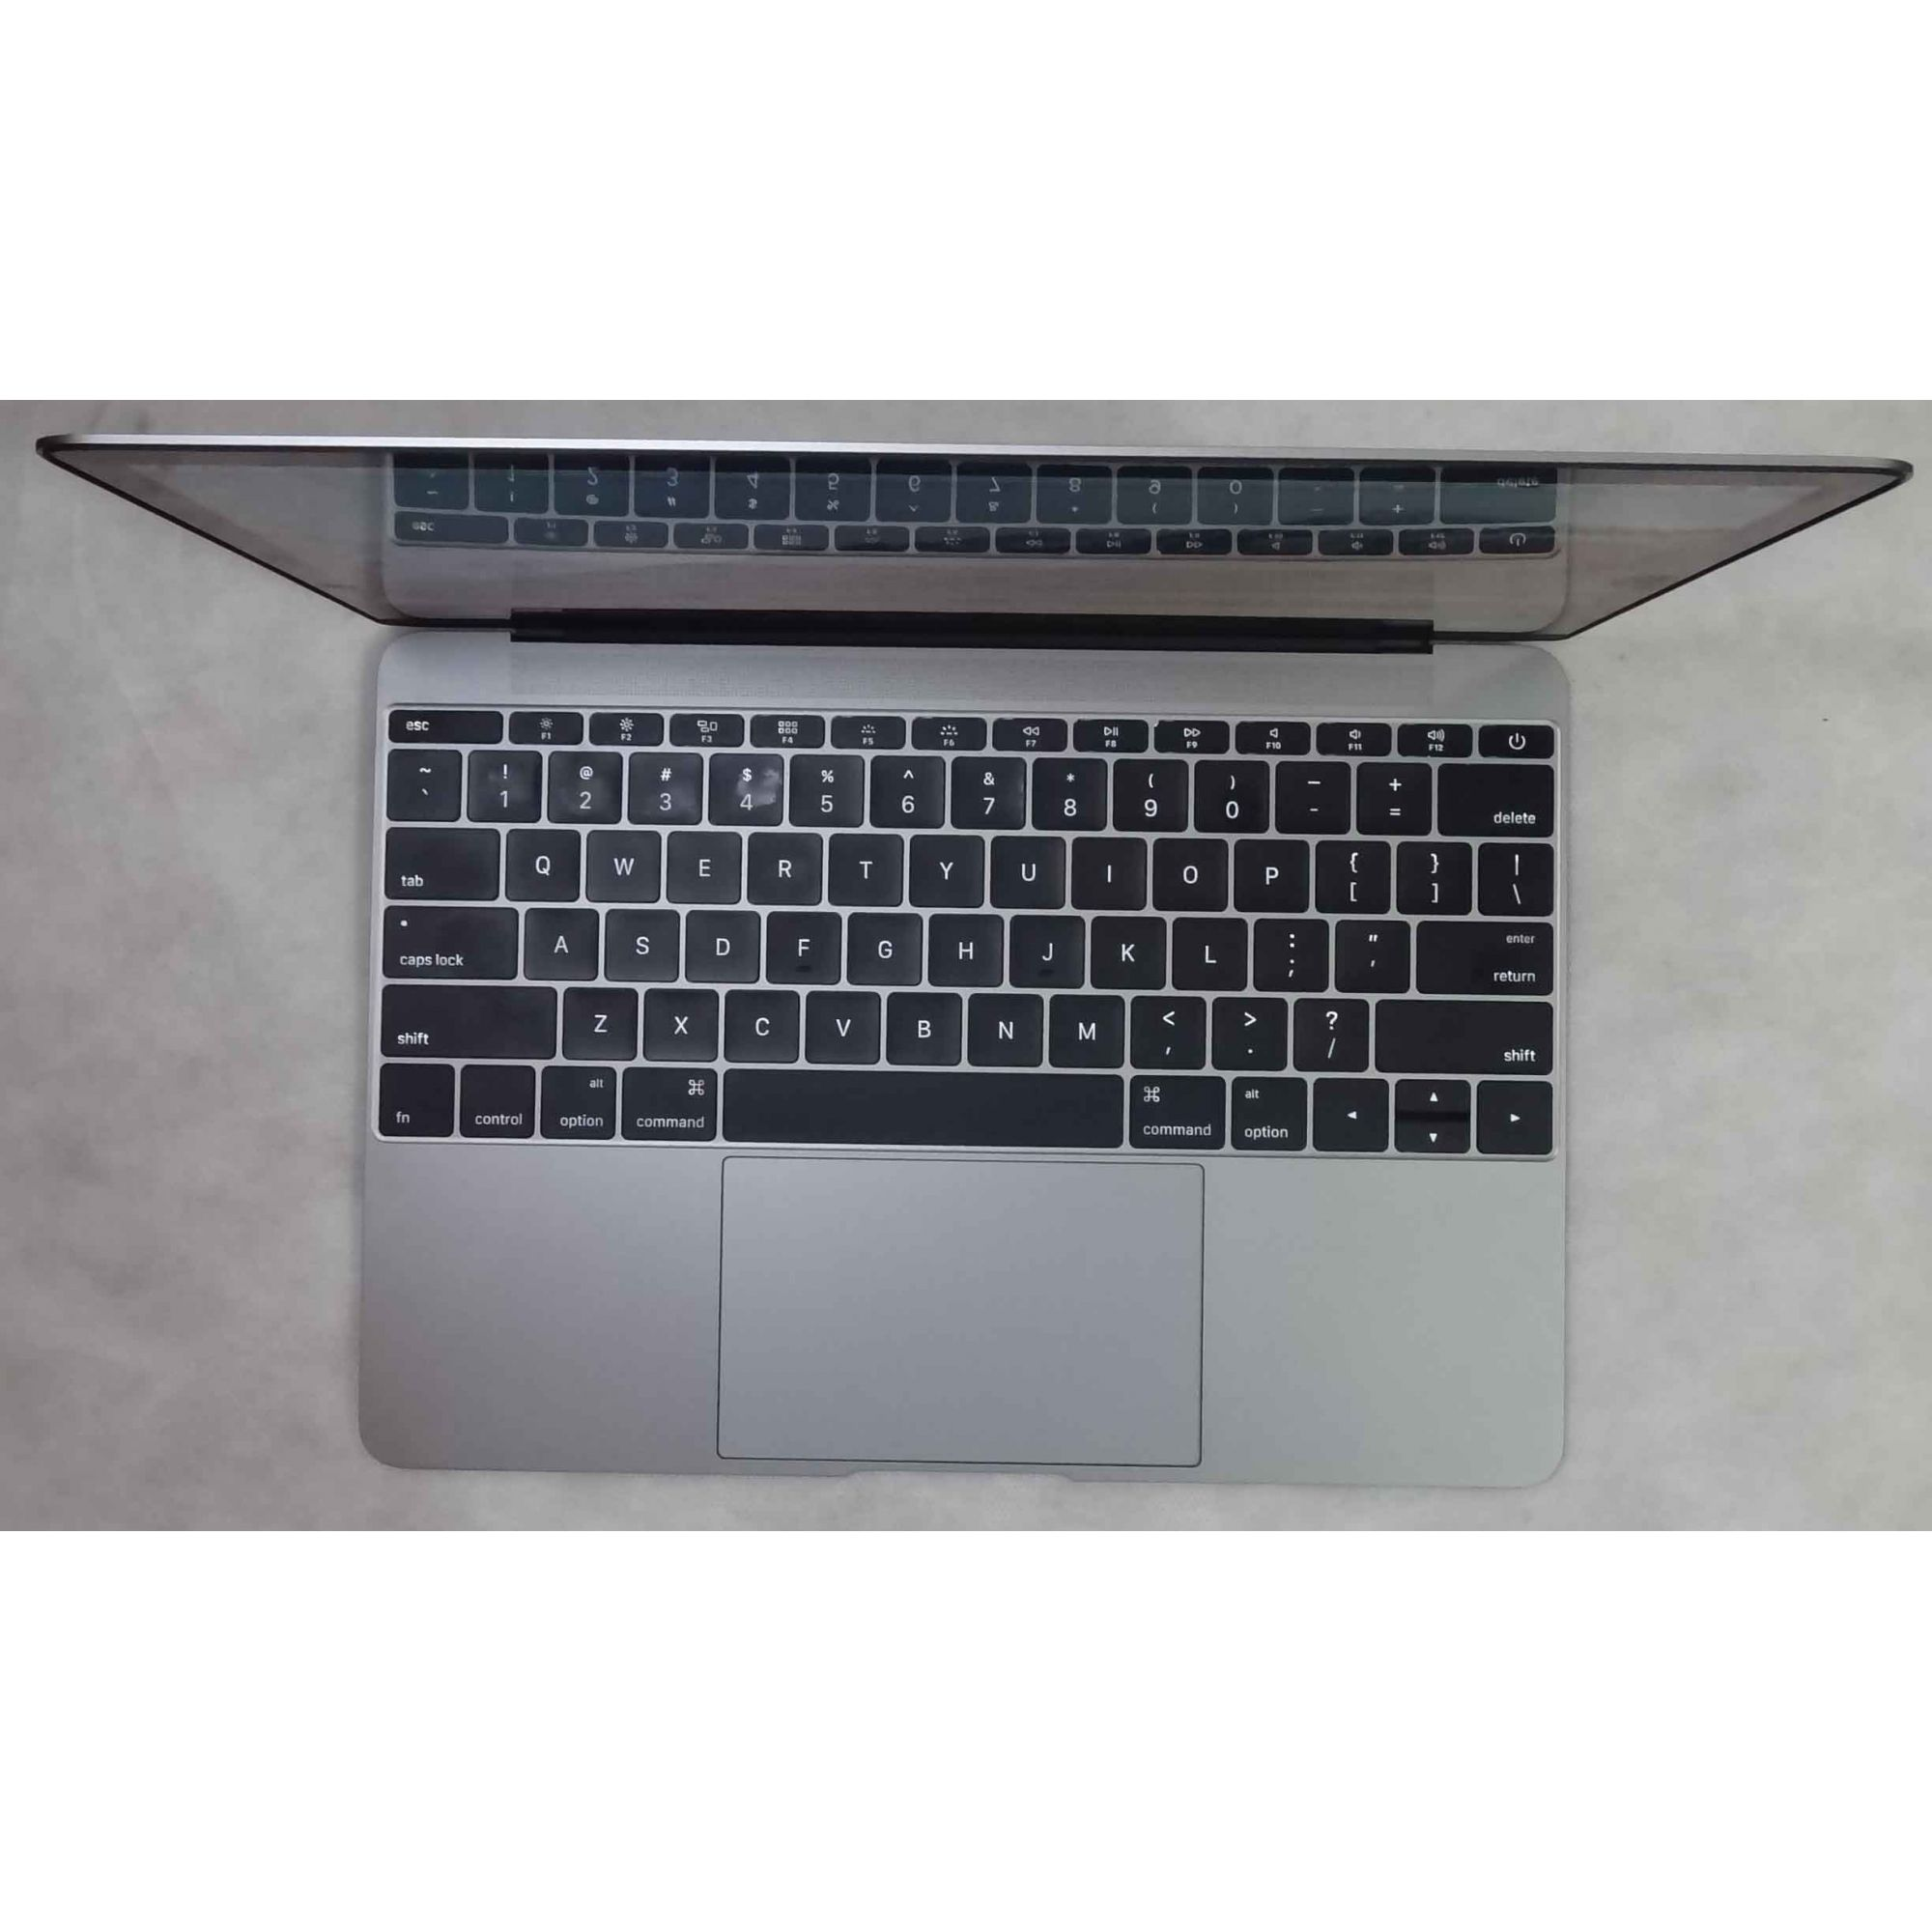 Macbook MLHA2LL/A 12'' Intel Core m3 1.1GHz 8GB HD-256SSD